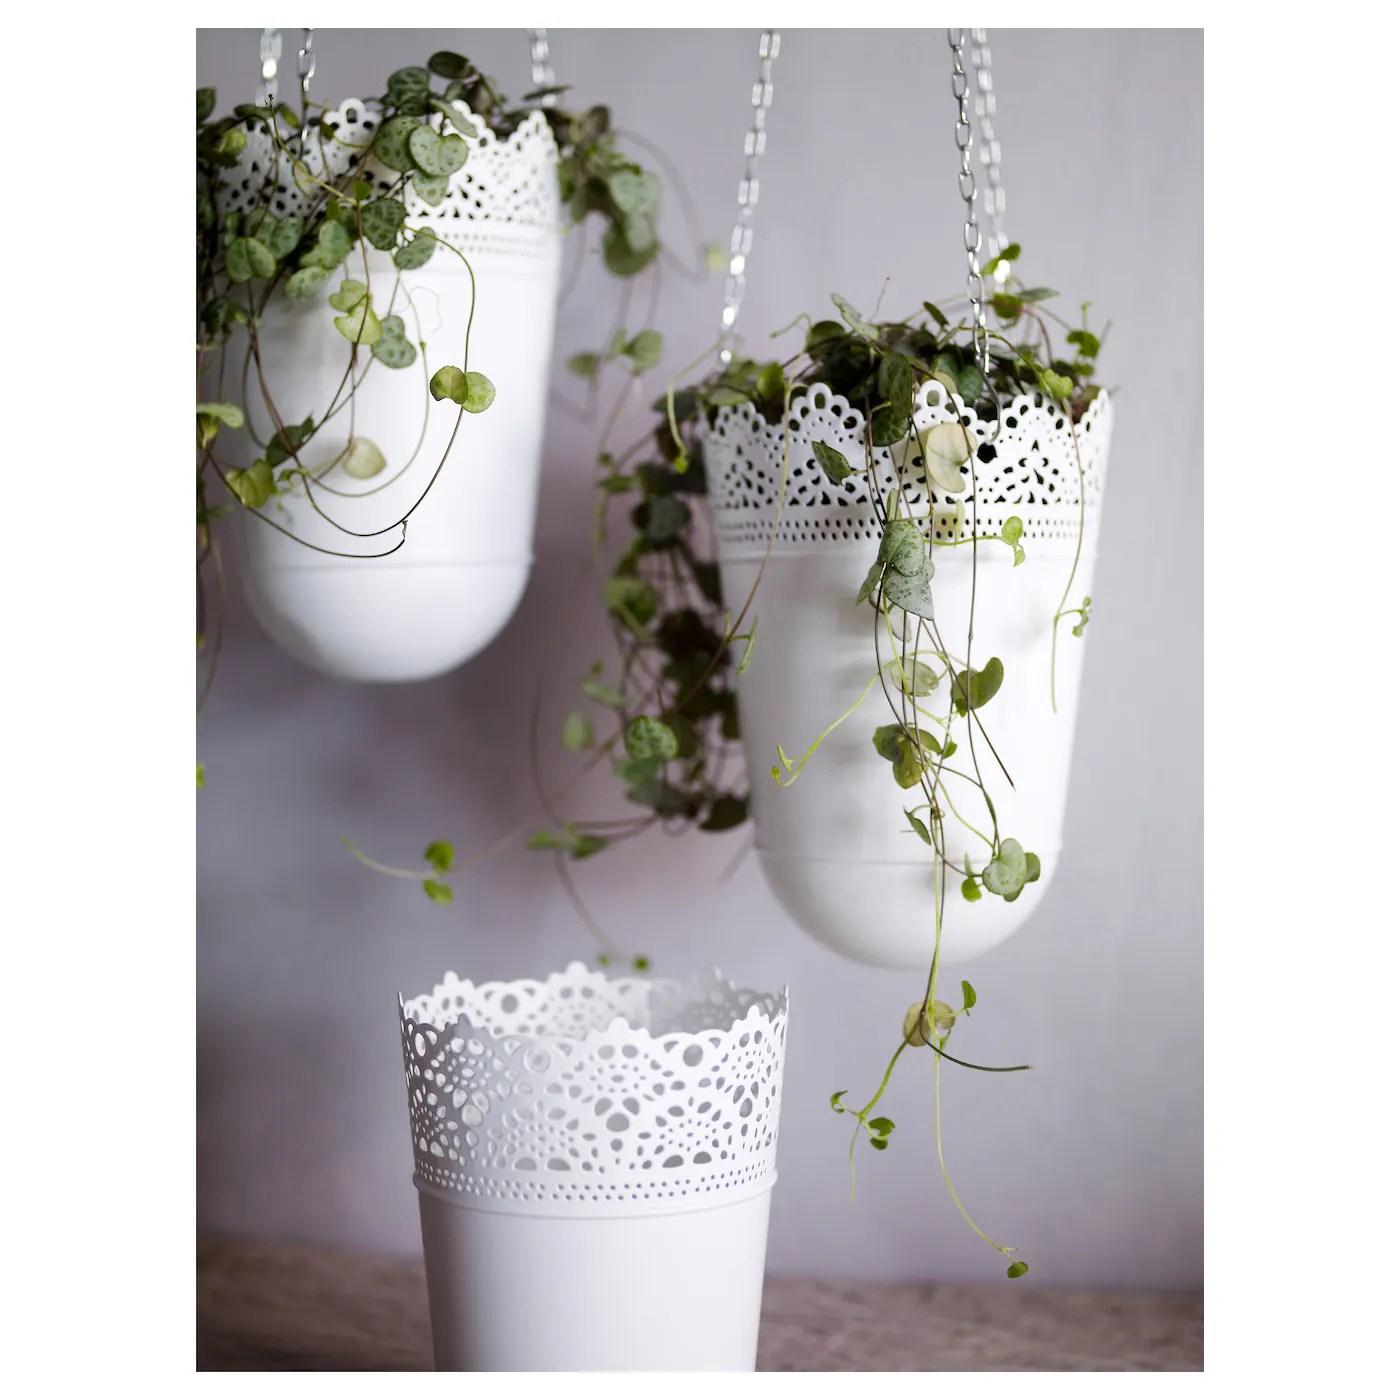 Hanging Ikea Herb Pots